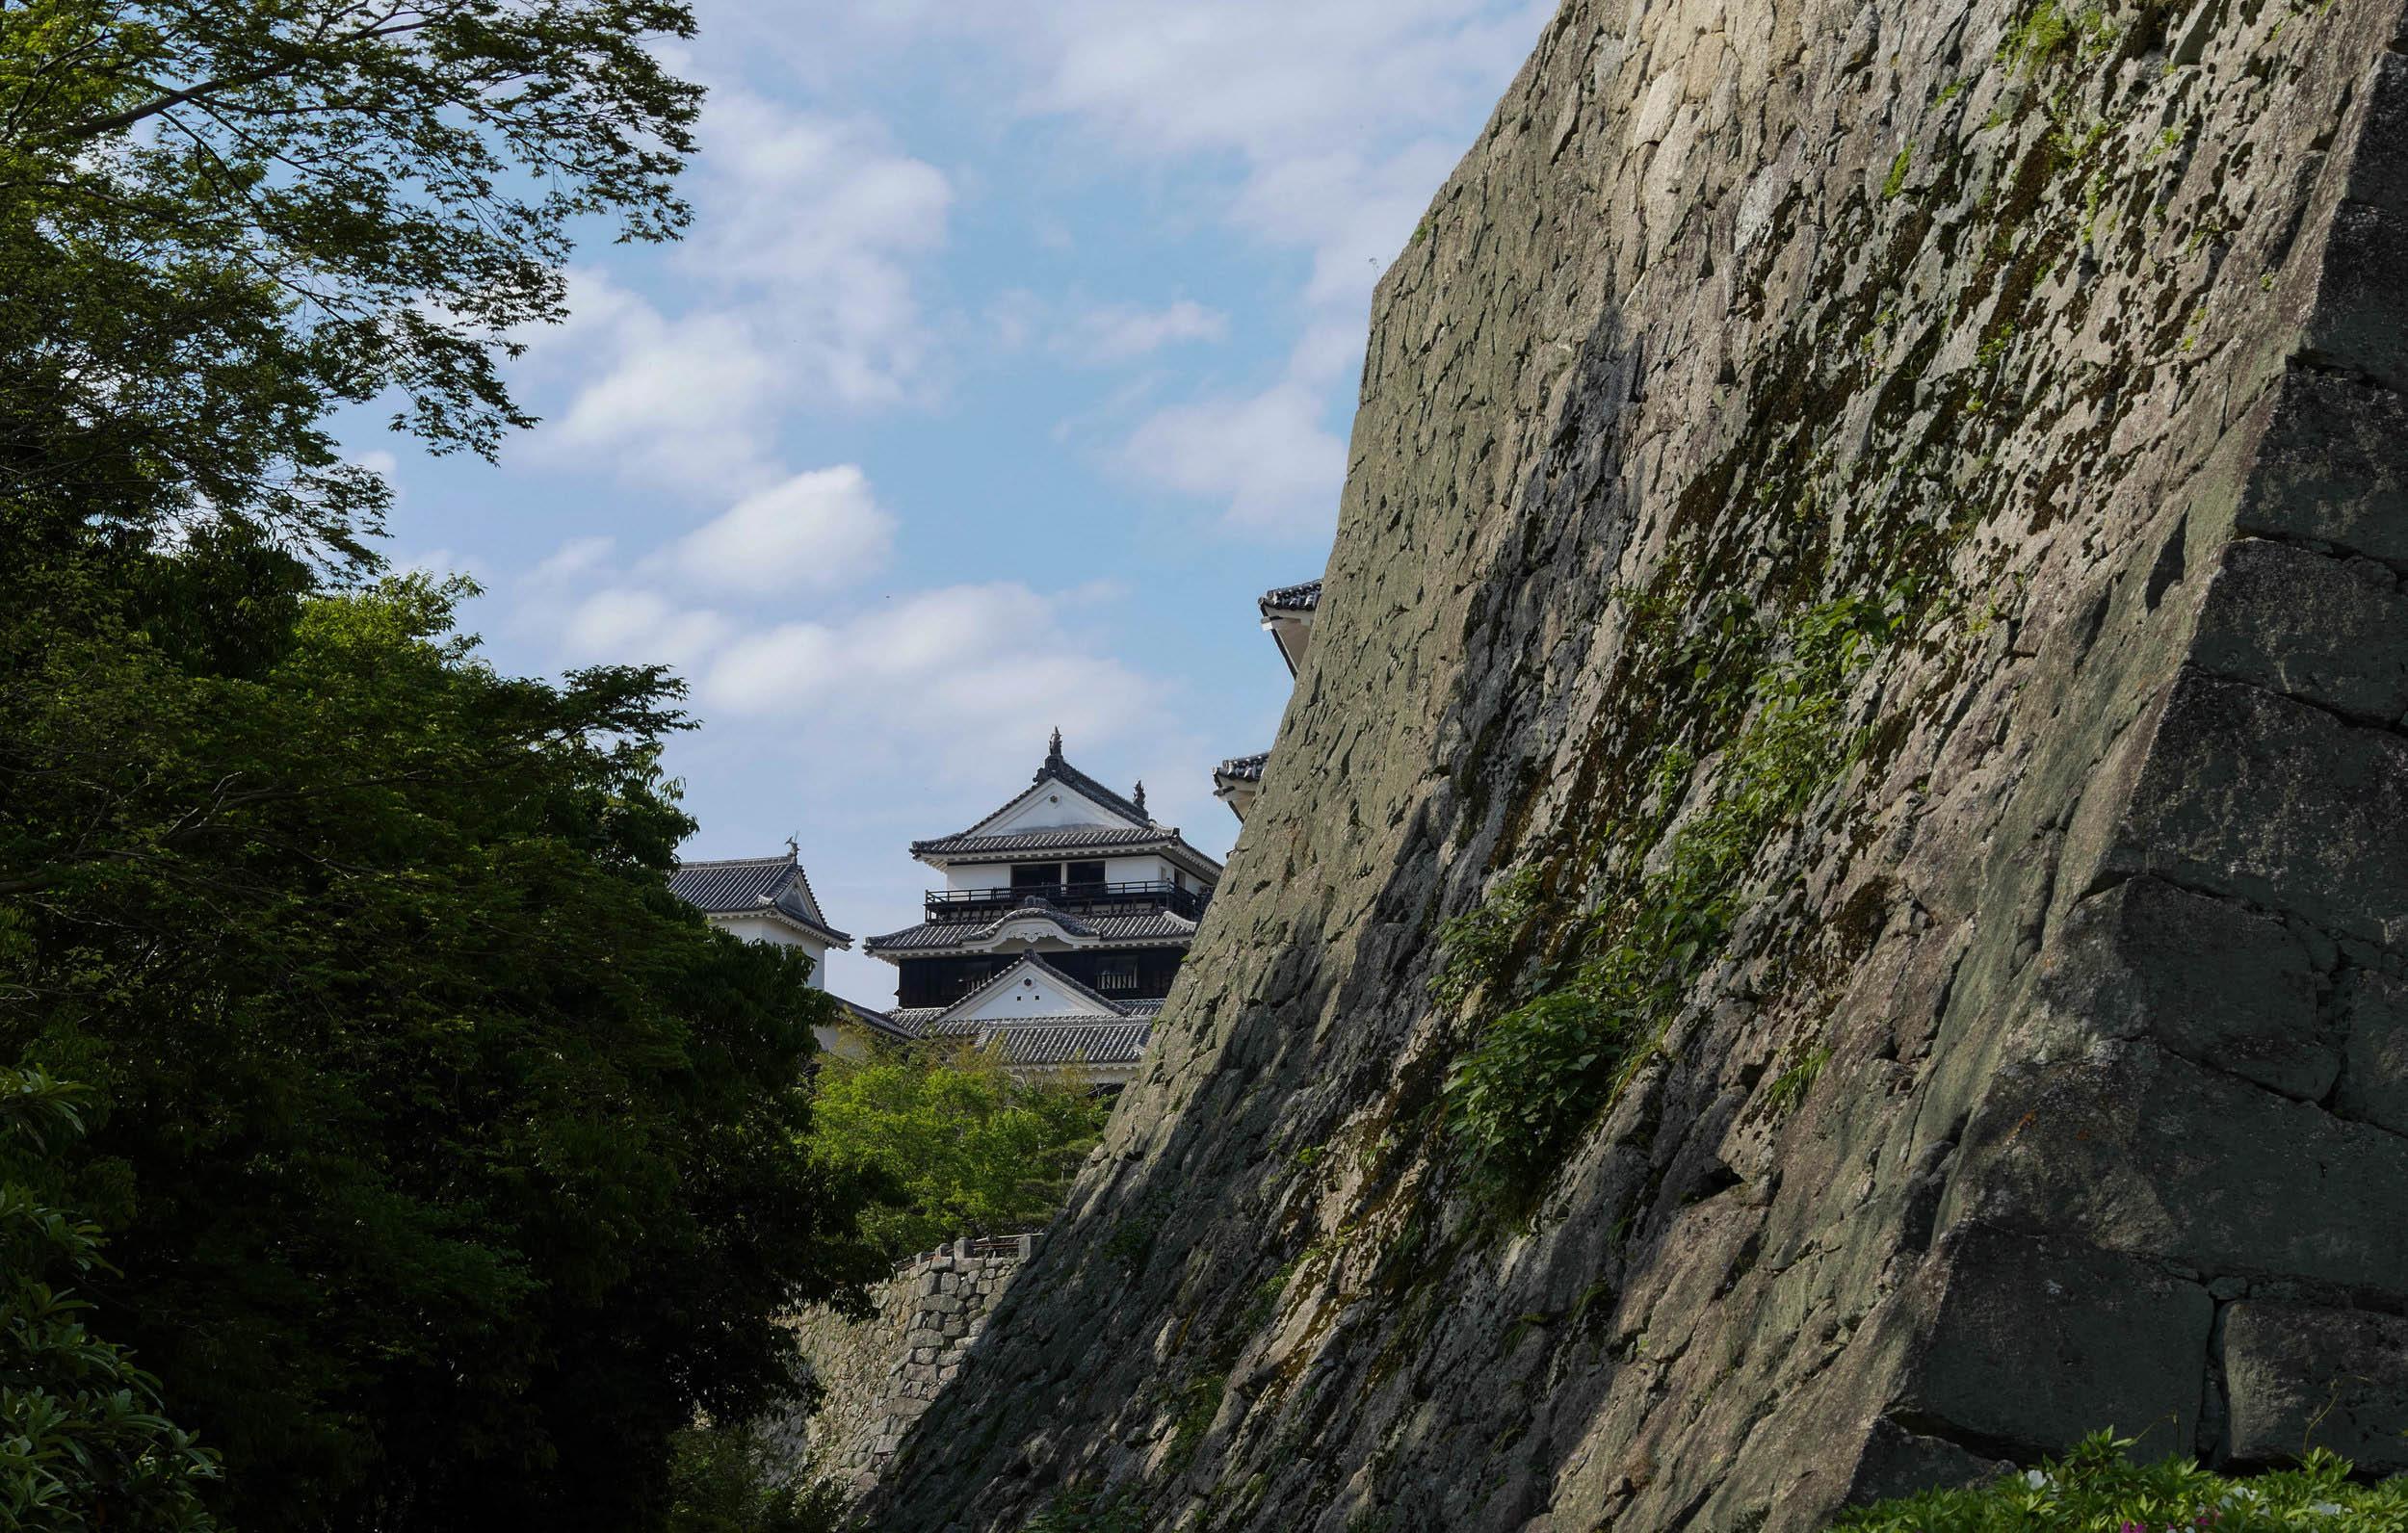 matsuyama-castle-hill-10.jpg